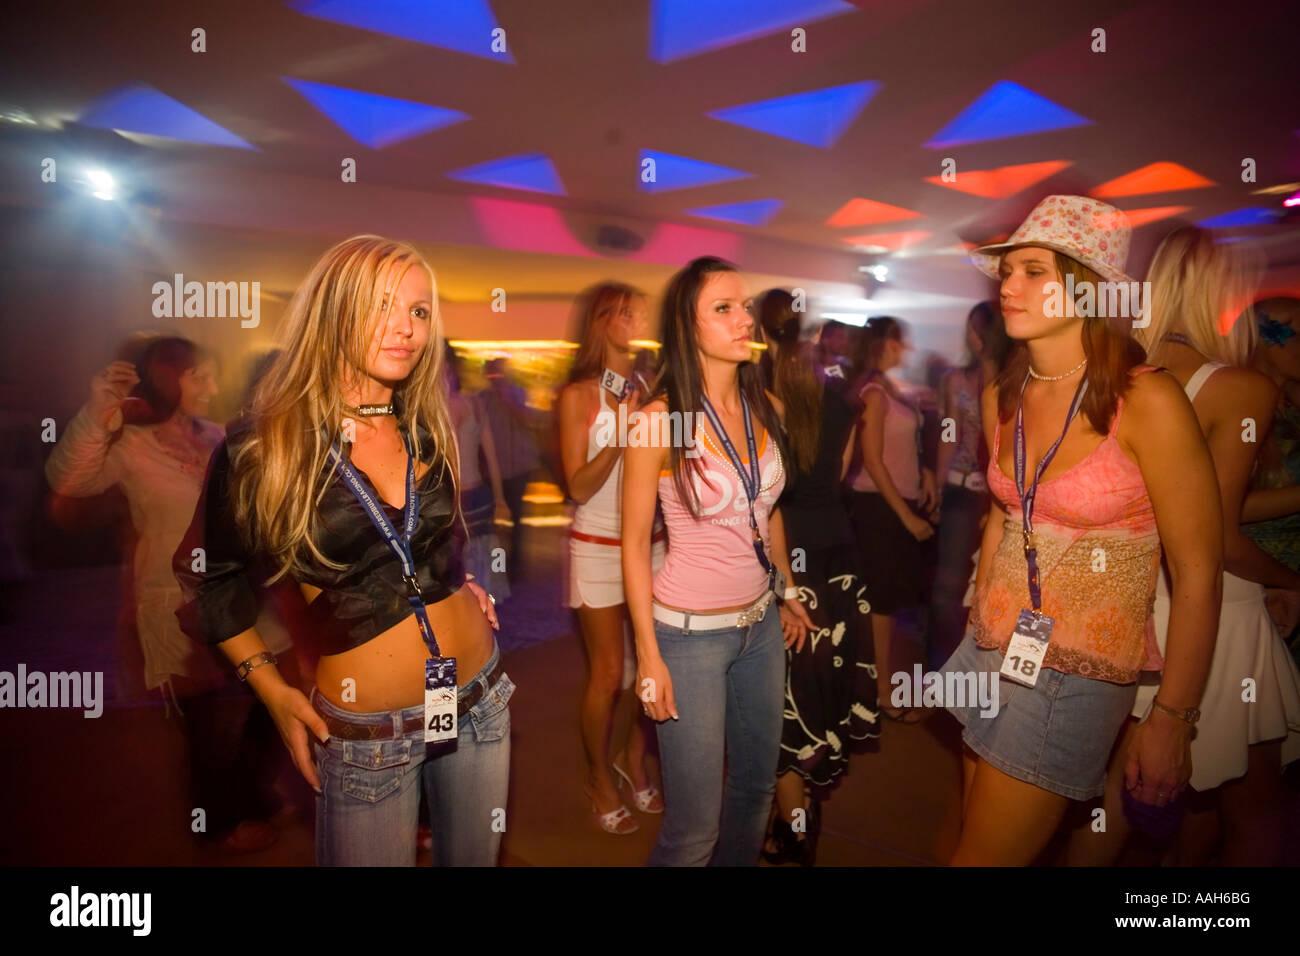 In Club Austria Vienna Night Girls In